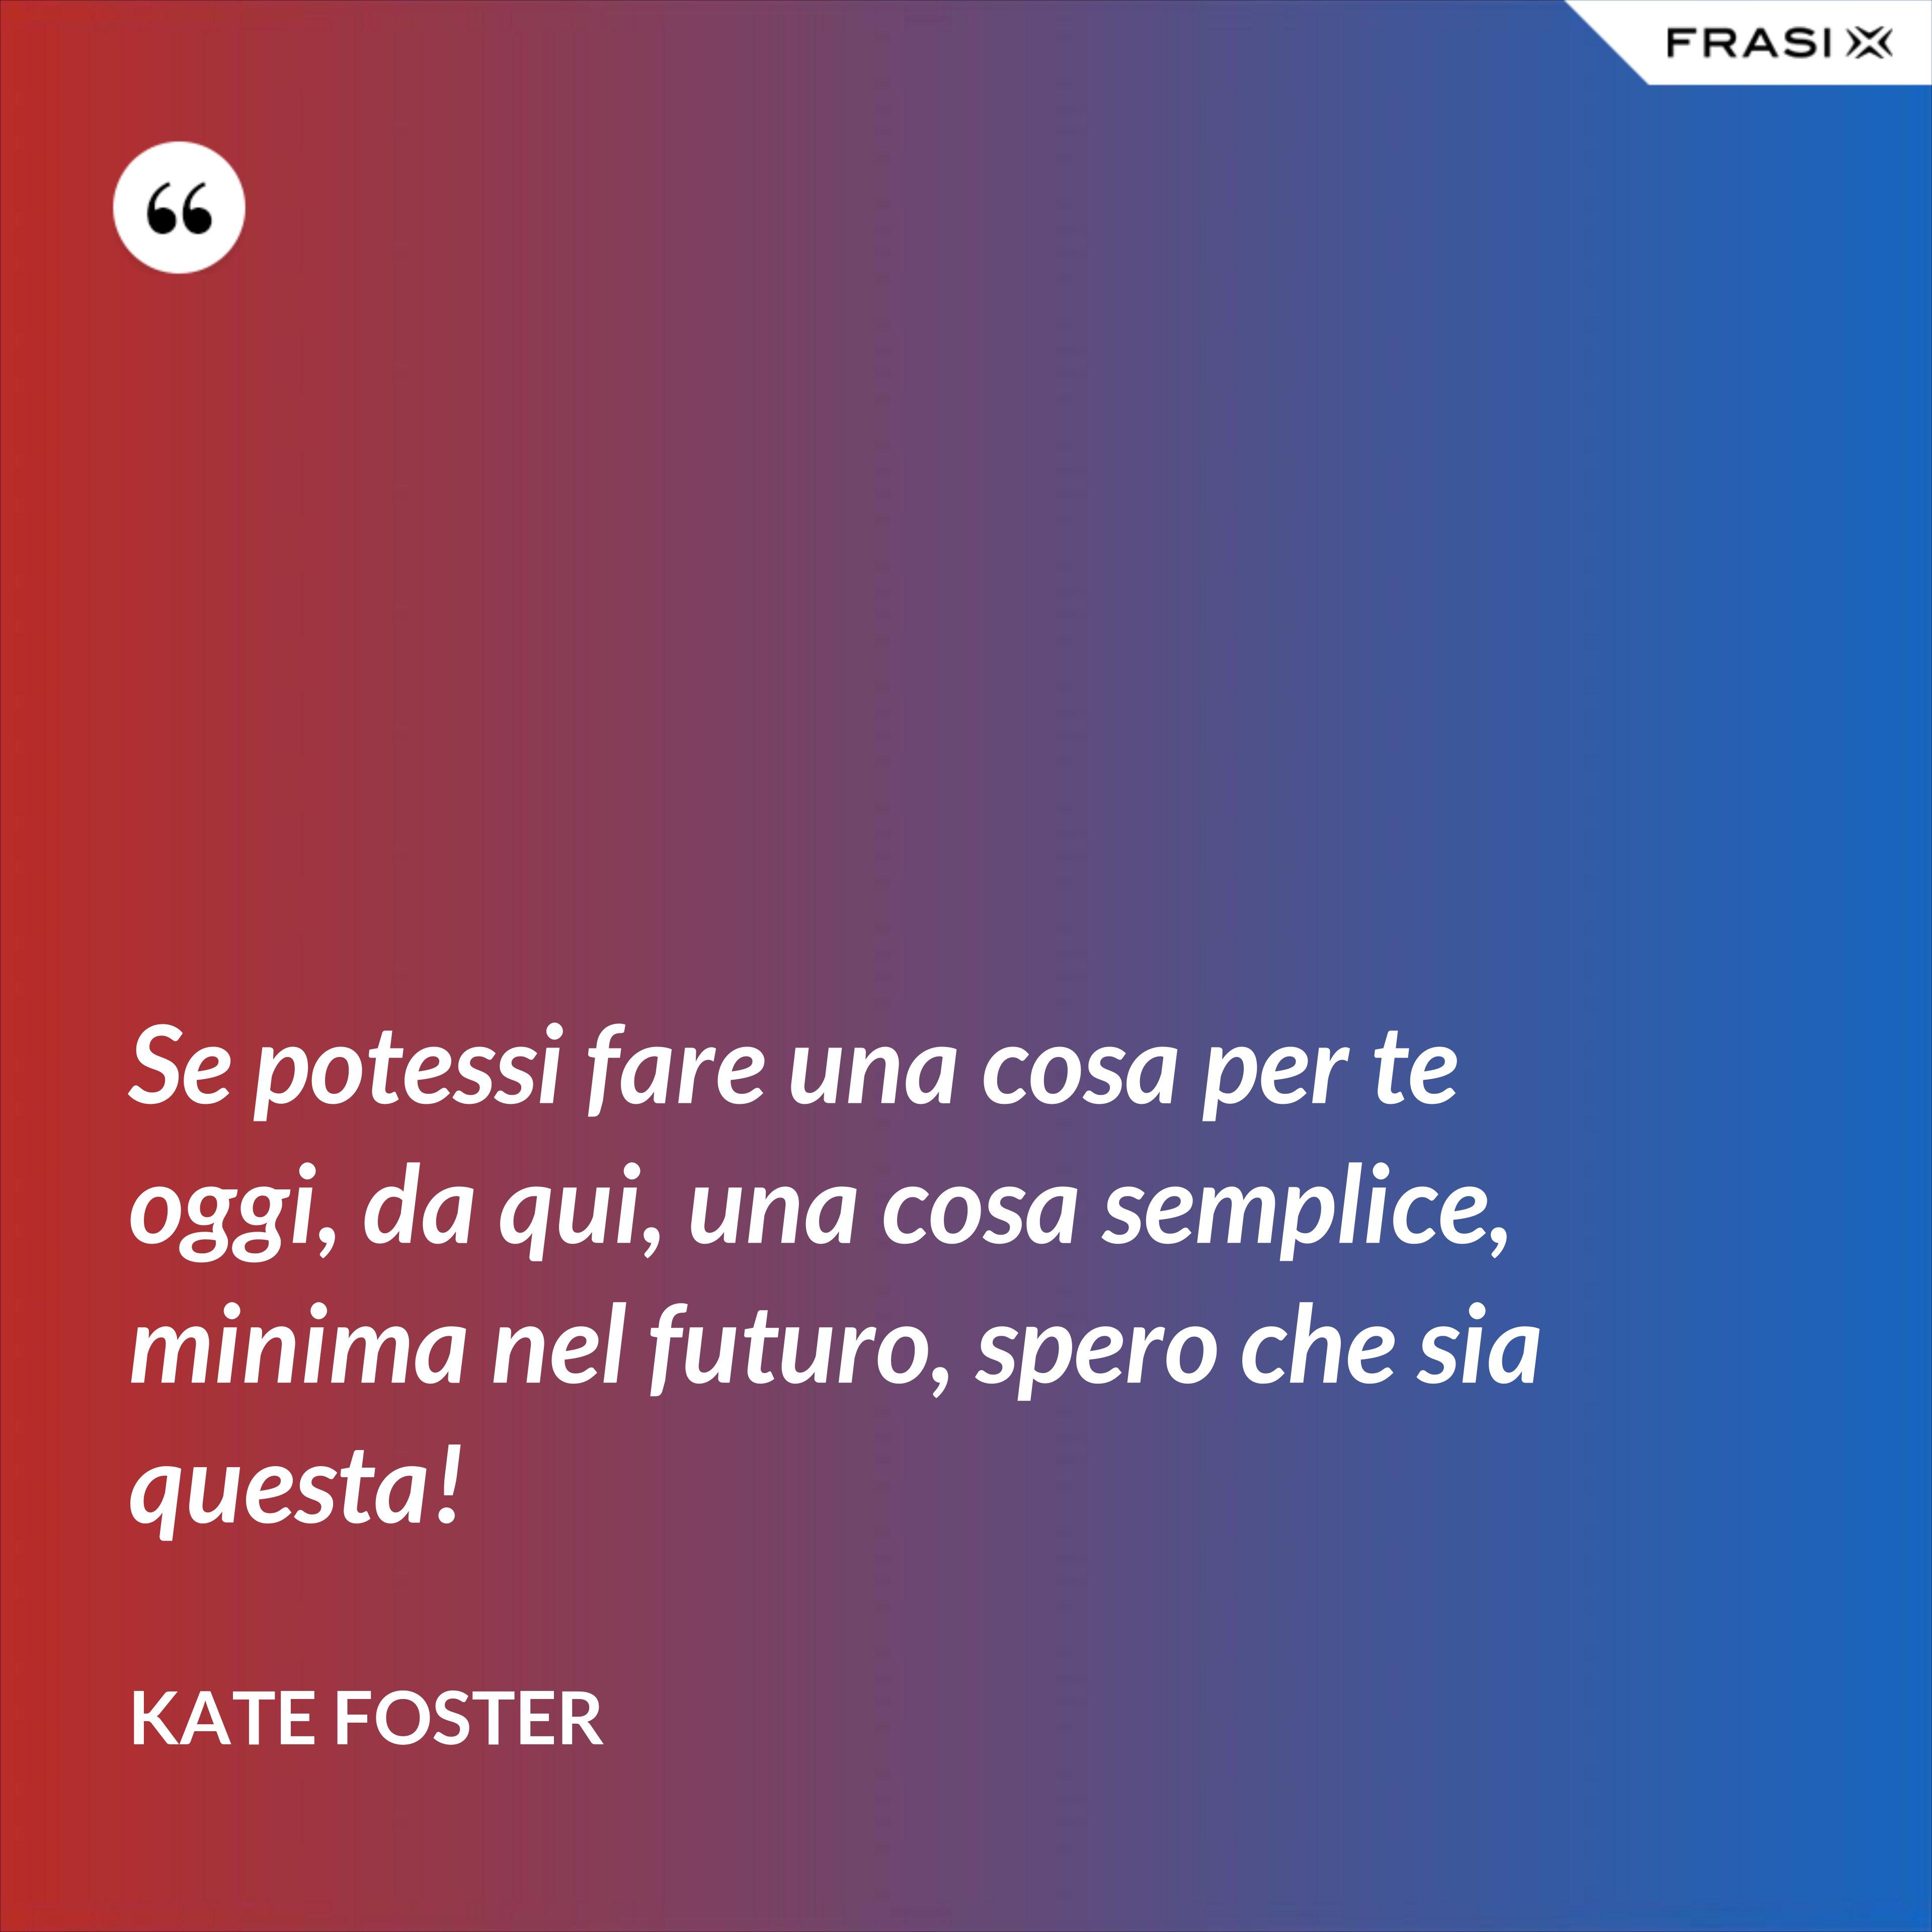 Se potessi fare una cosa per te oggi, da qui, una cosa semplice, minima nel futuro, spero che sia questa! - Kate Foster